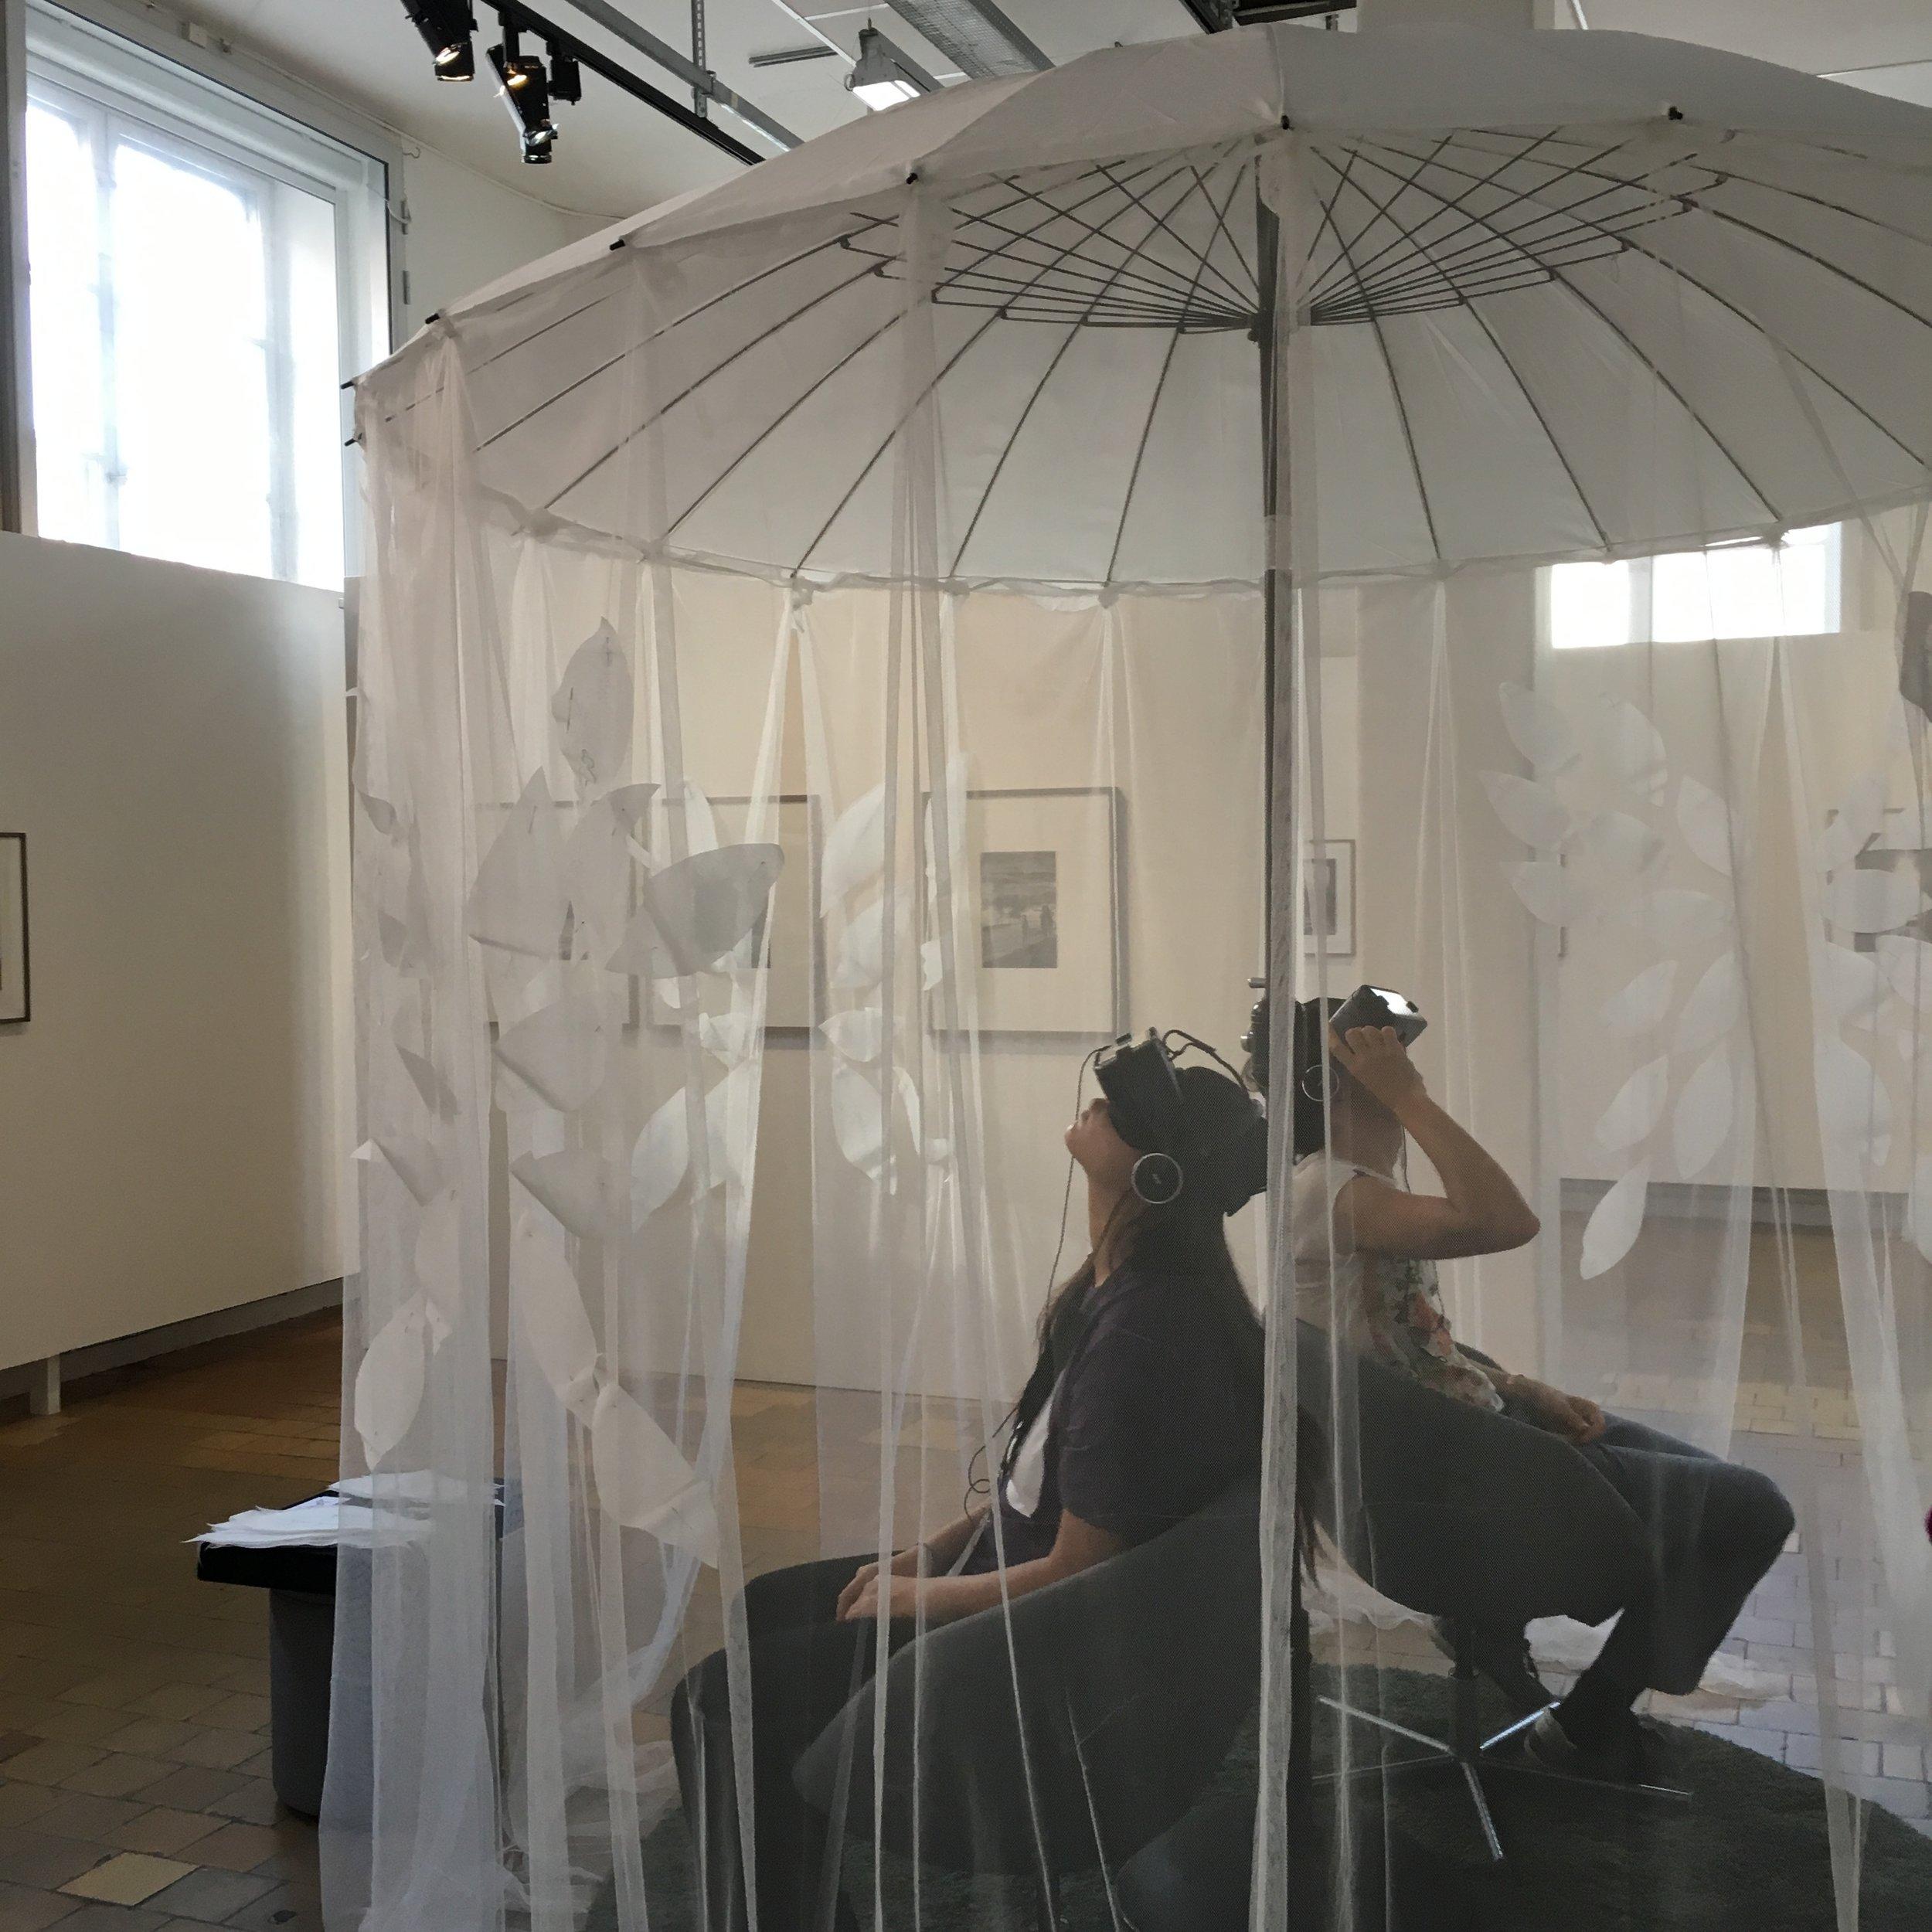 Le jardin des pensées/Unfolding at Galleri Format, Nordisk Panorama Film Festival on September 23-24, 2017. © Pernilla Belfrage.